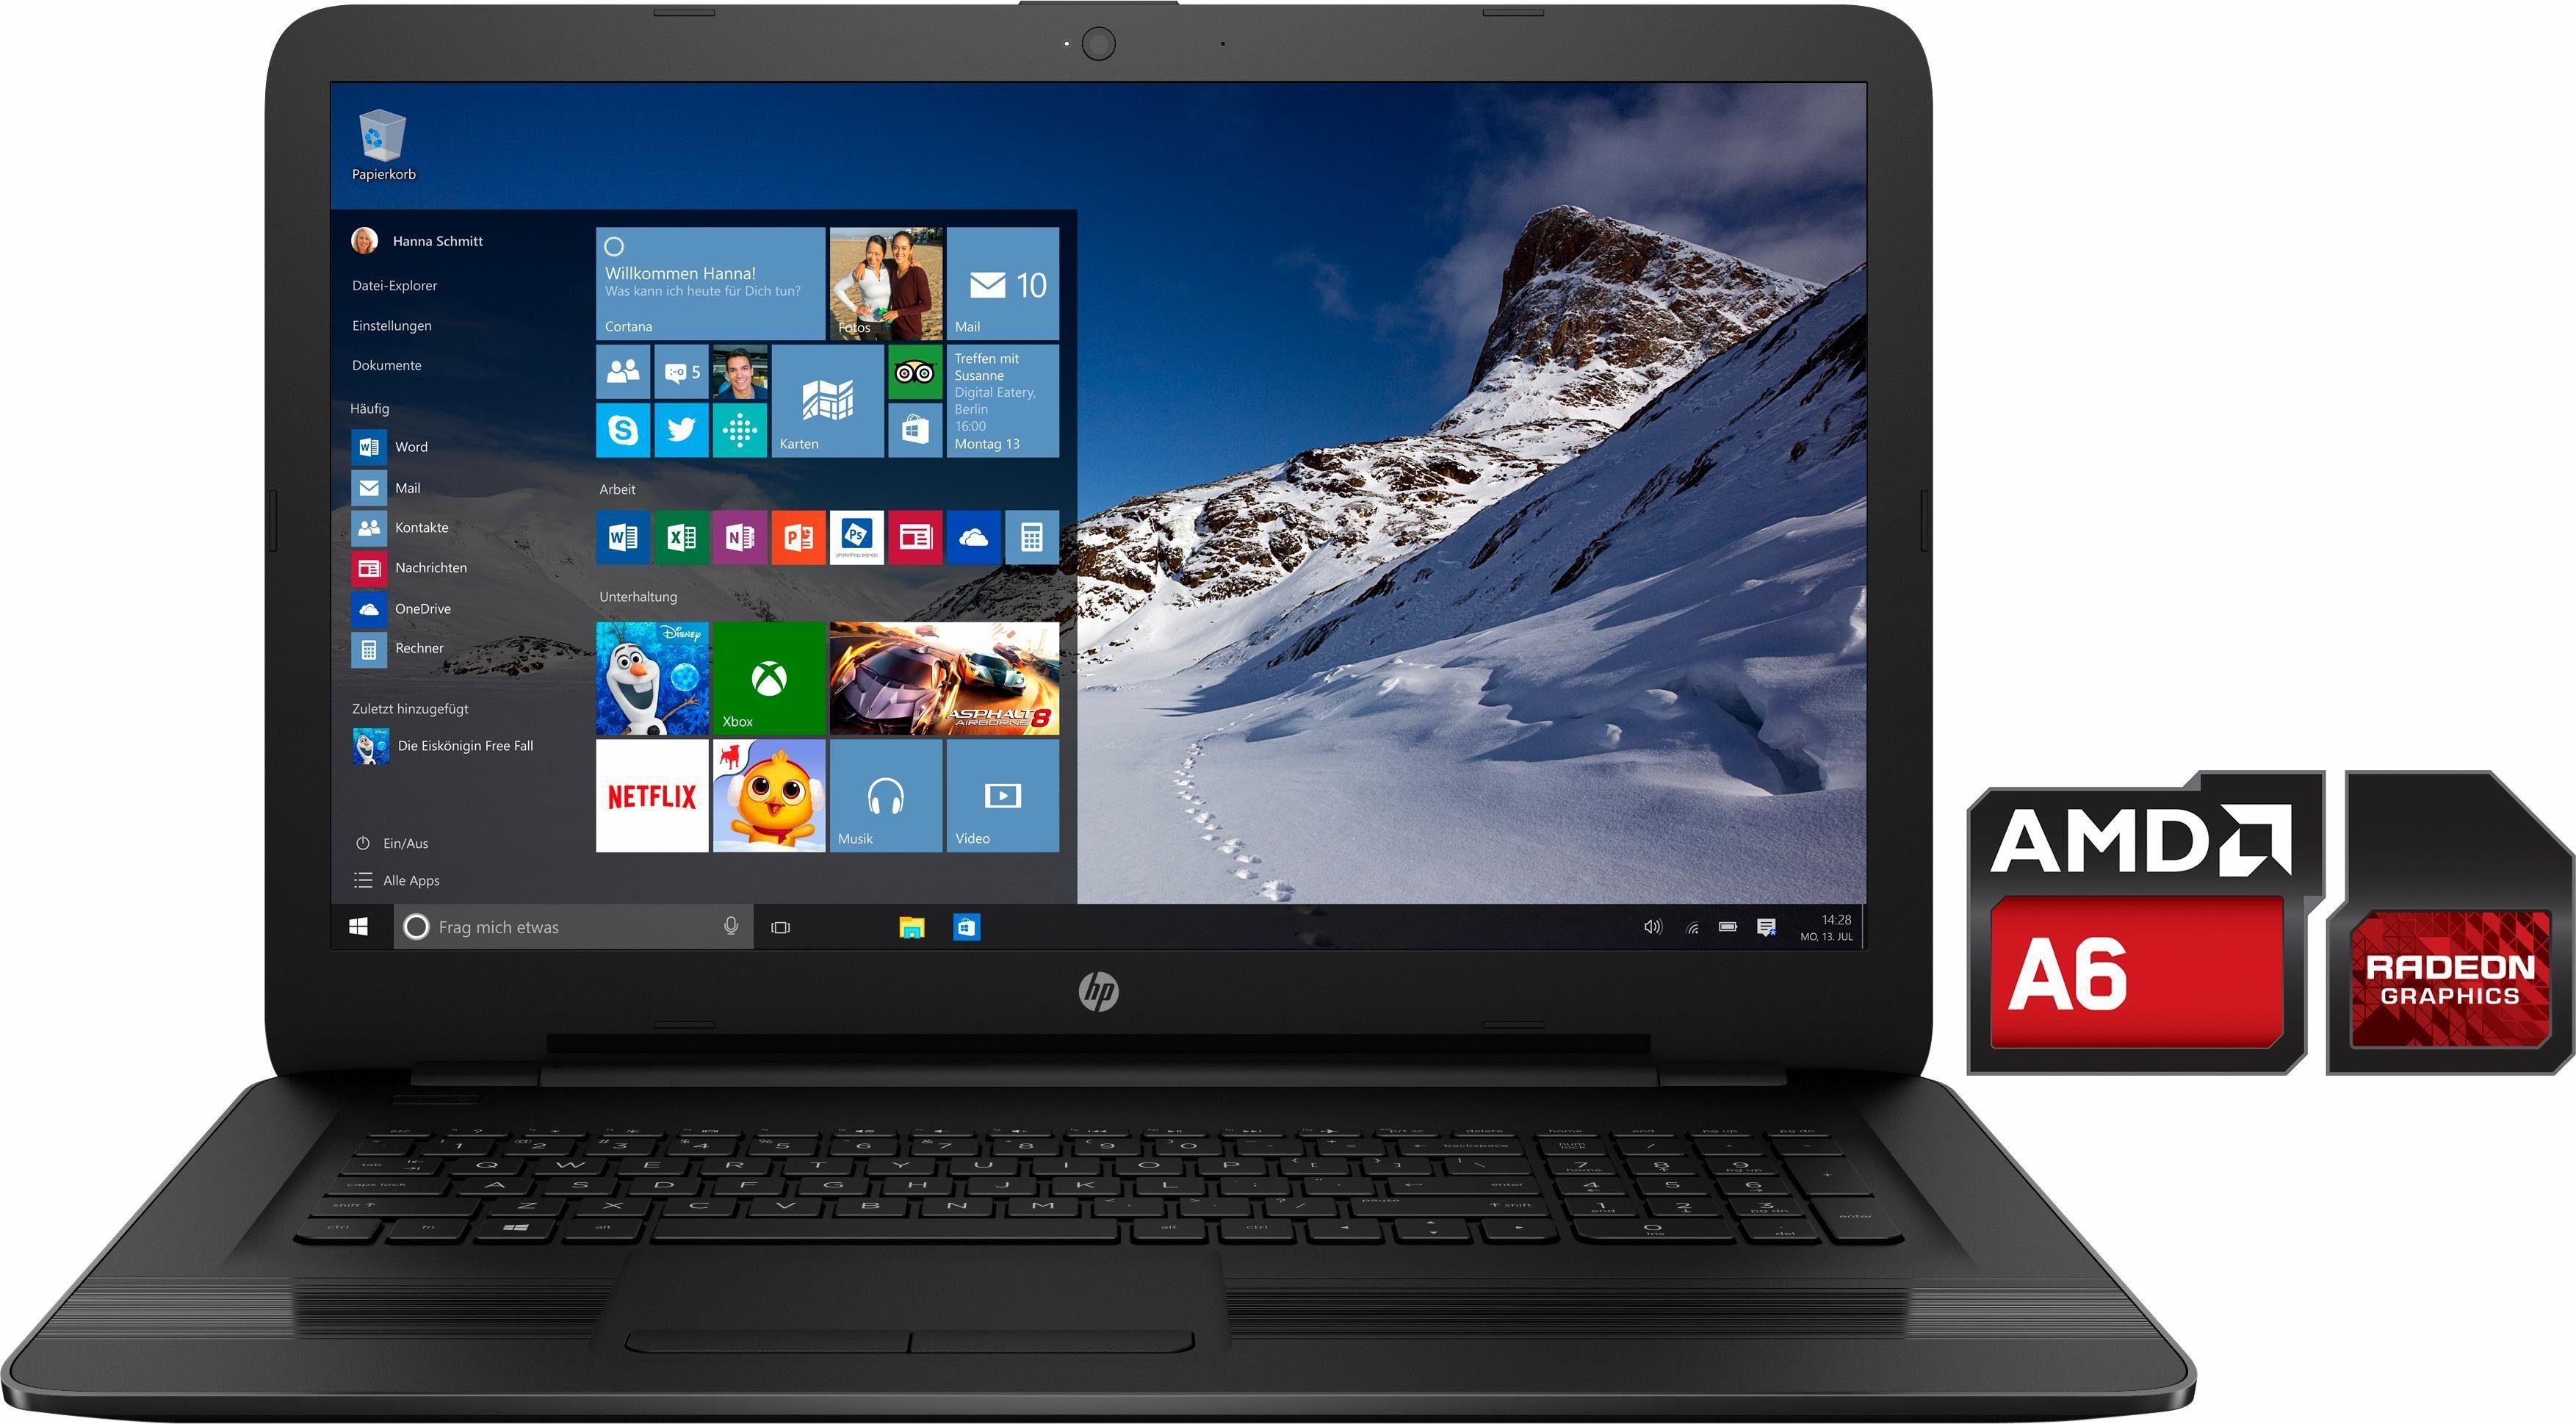 HP 17-y010ng Notebook, AMD A6, 43,9 cm (17,3 Zoll), 1000 GB Speicher, 4096 MB DDR3L-SDRAM